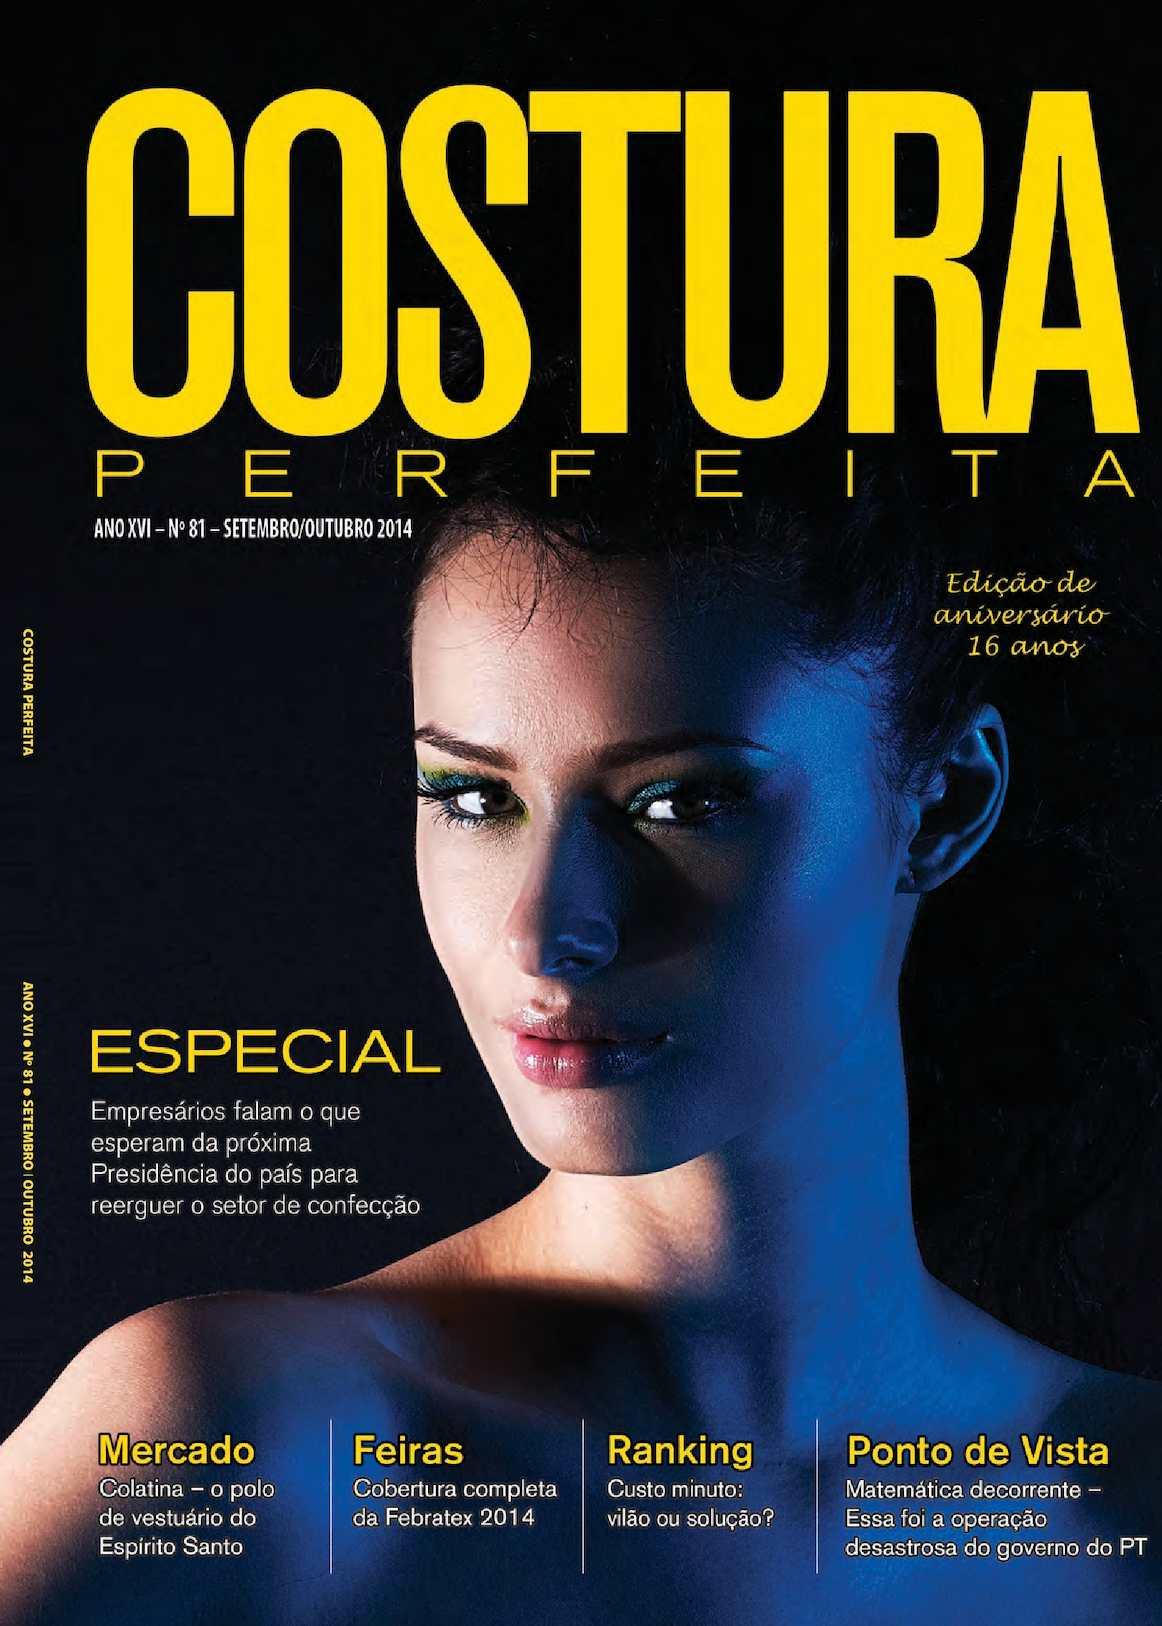 92f8be275b Calaméo - Revista Costura Perfeita Edição Ano XVI - N81 - Setembro-Outubro  2014